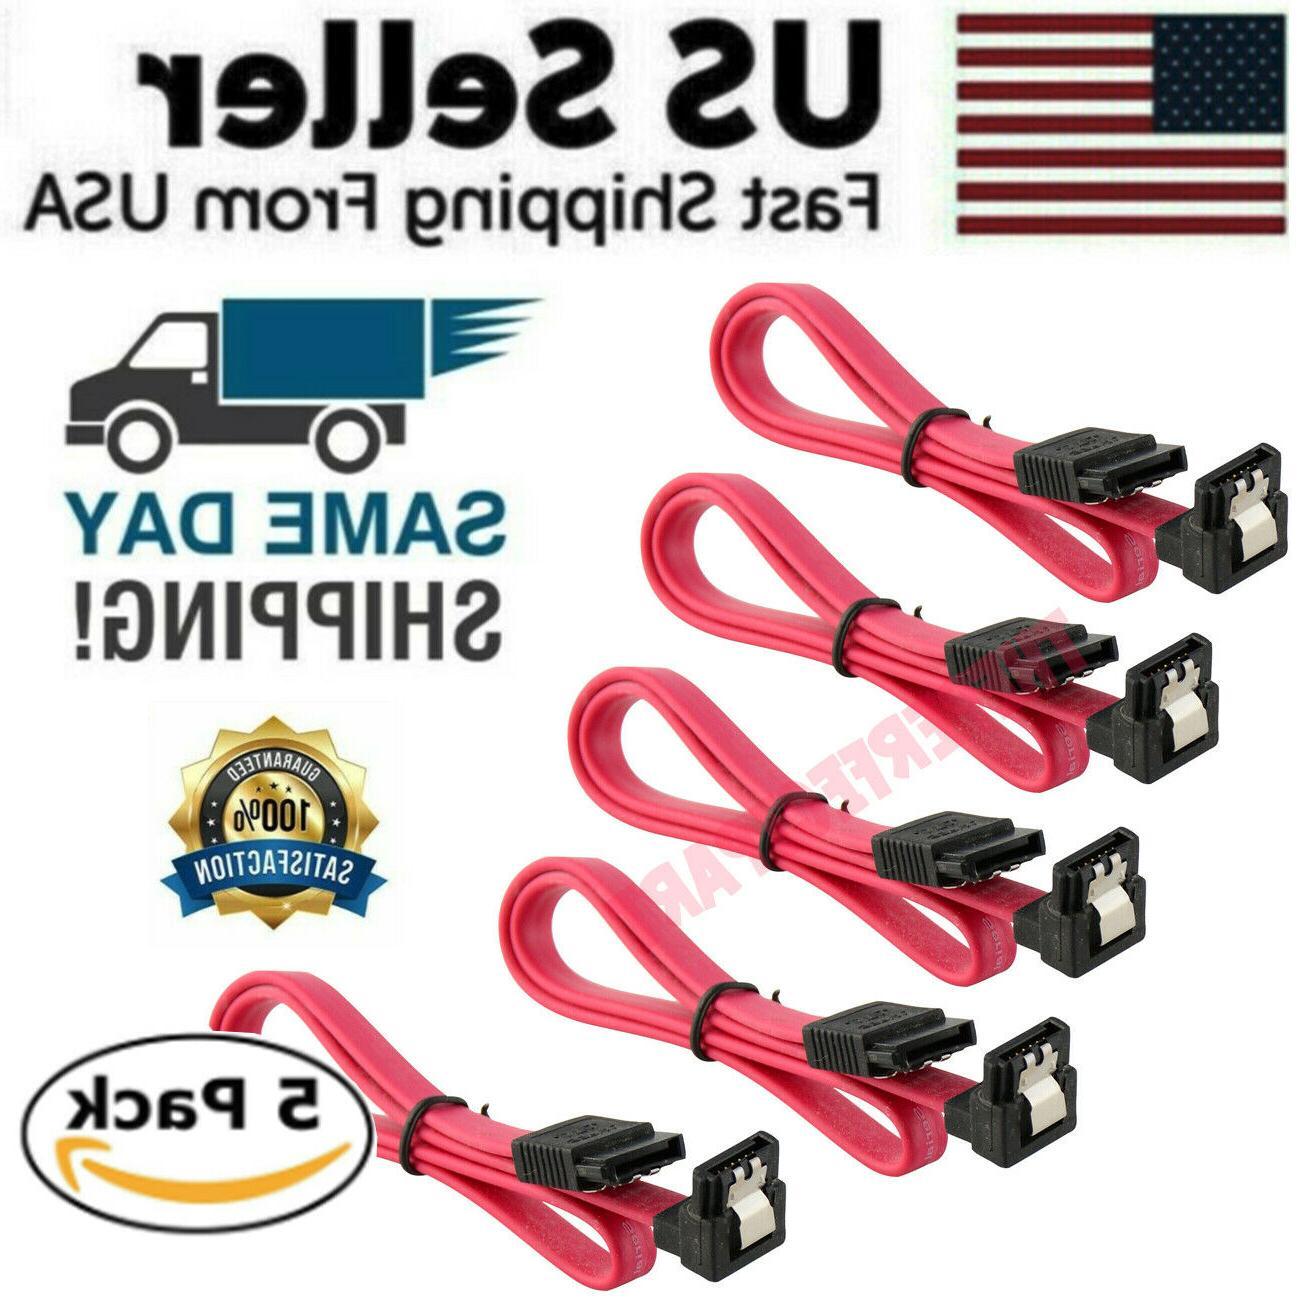 5 x 18 sata 3 0 cable